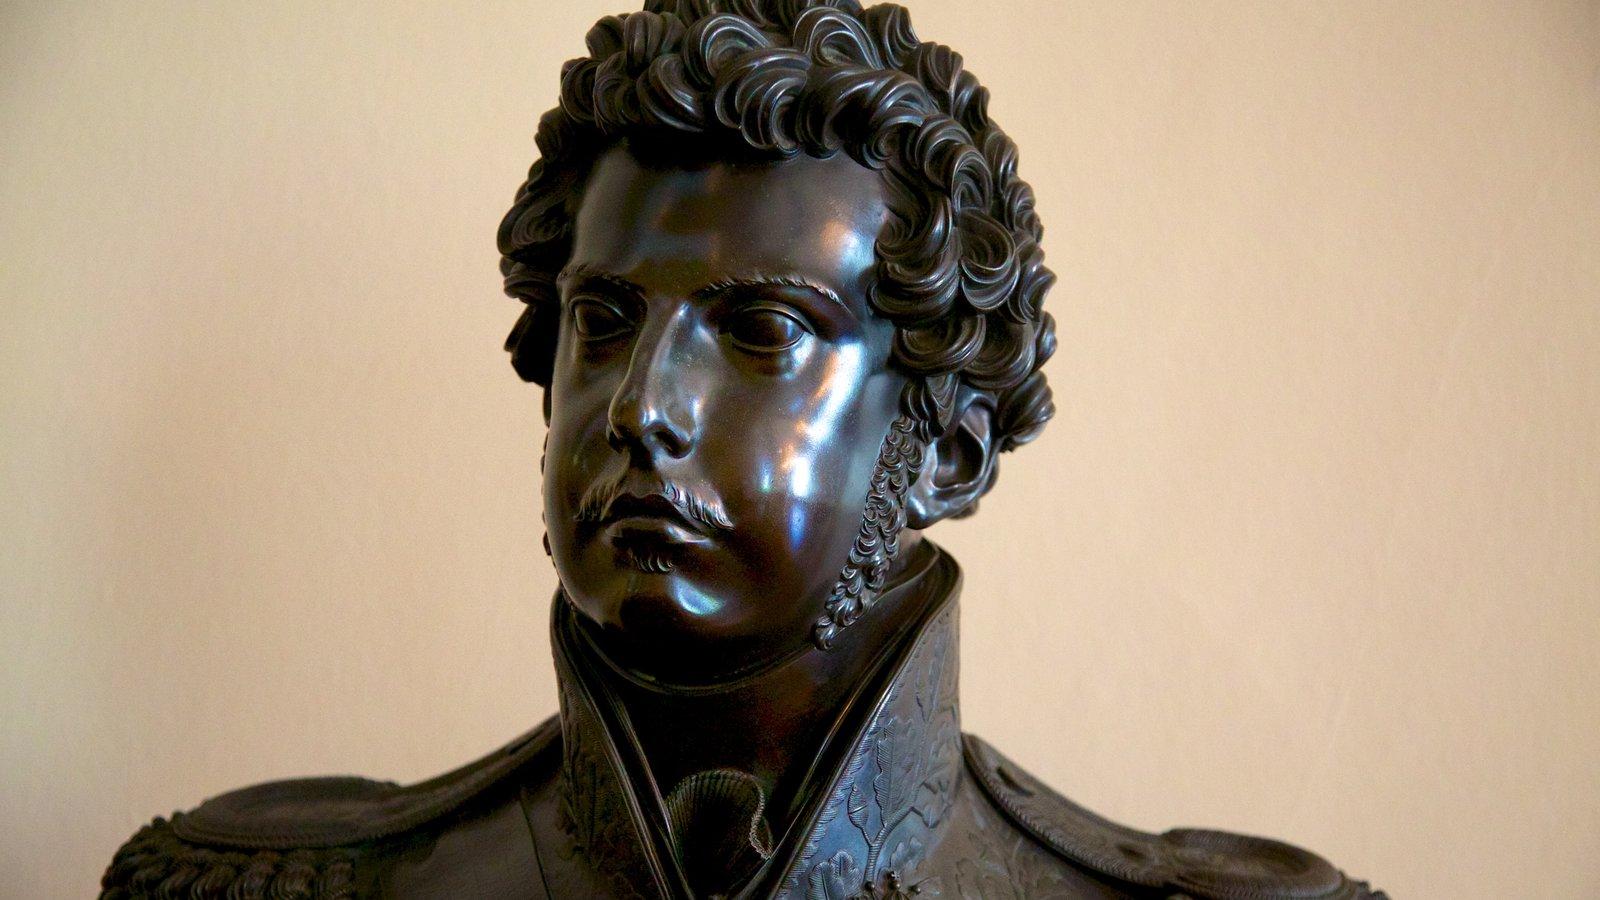 Museu Nacional de Belas Artes caracterizando uma estátua ou escultura